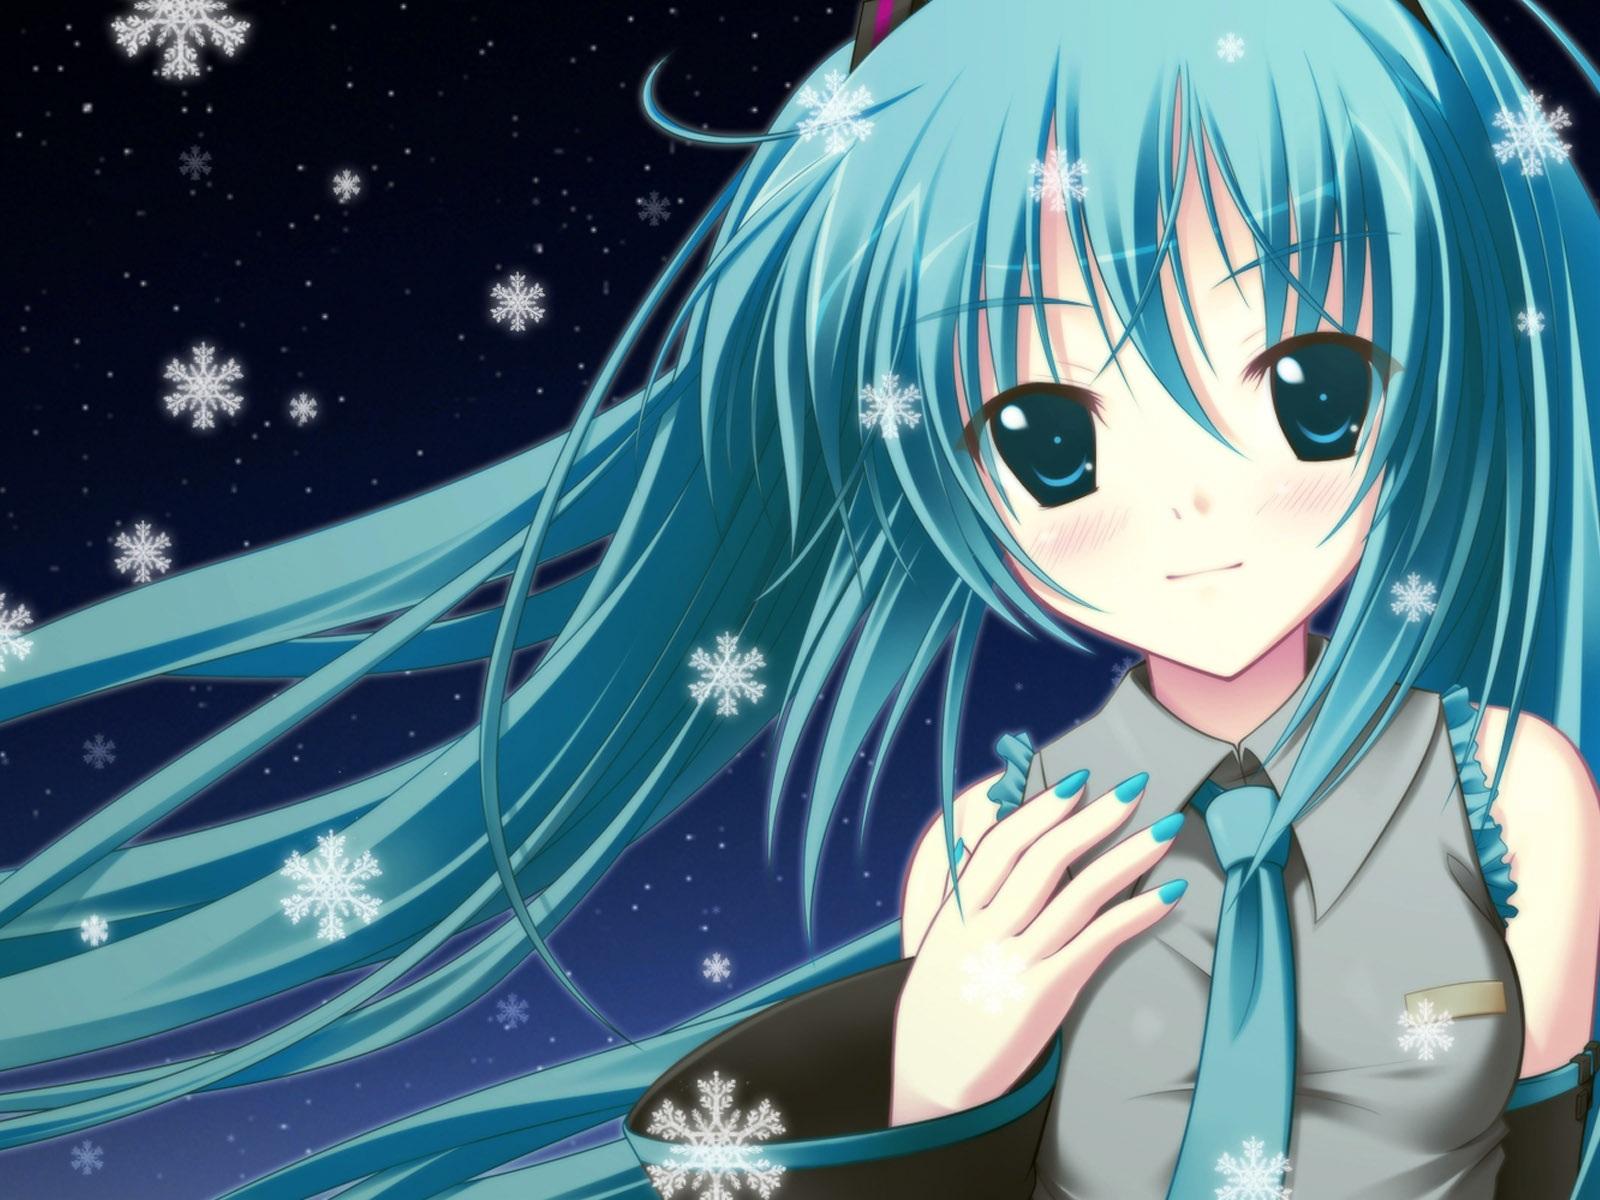 Blue hair anime girl 1600x1200 jpg